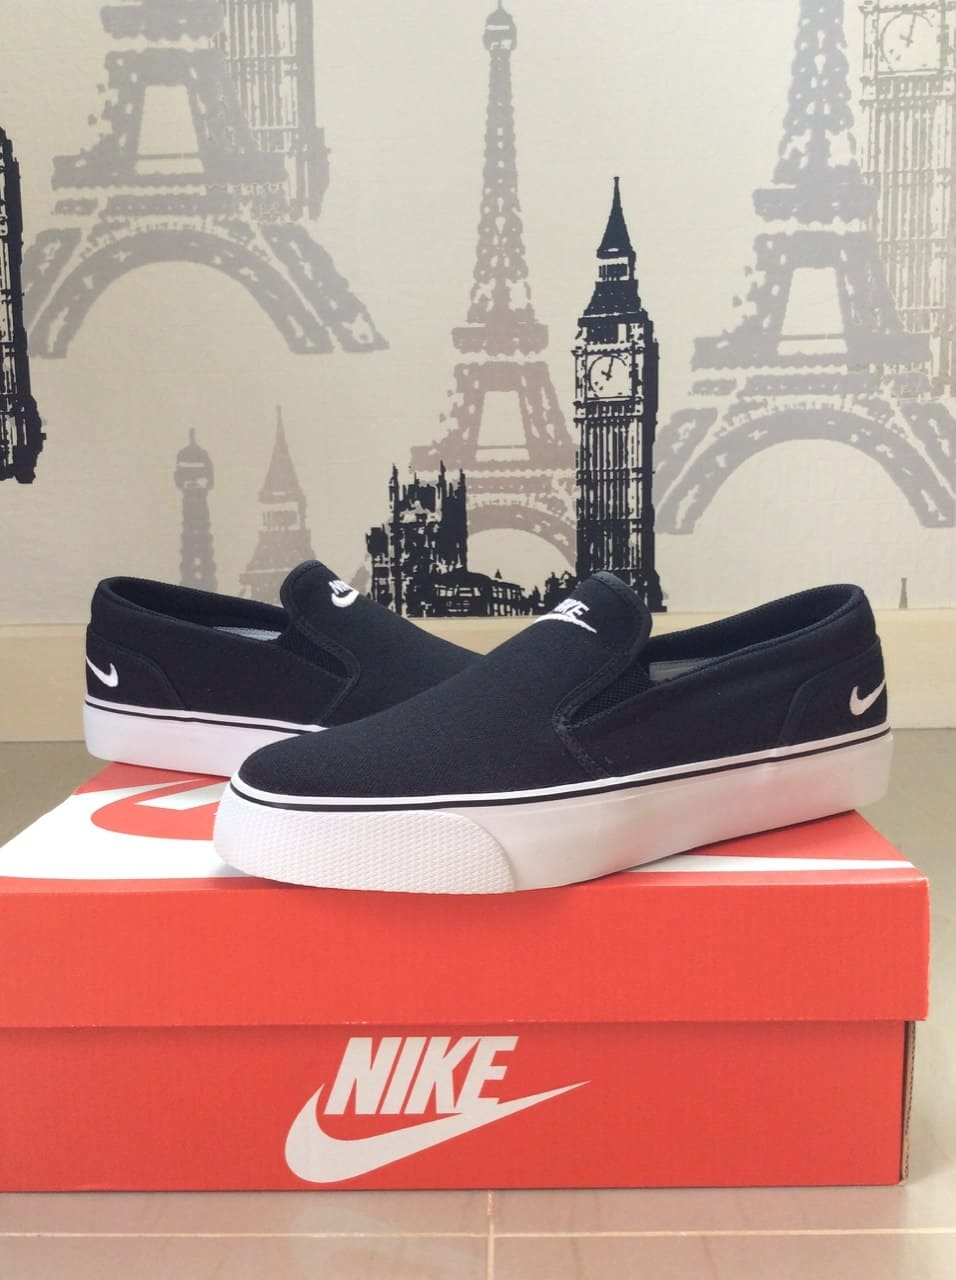 รองเท้า Nike Toki Slip On ซื้อที่ไหนดี ? รีวิว ! ของแท้ ราคาถูก